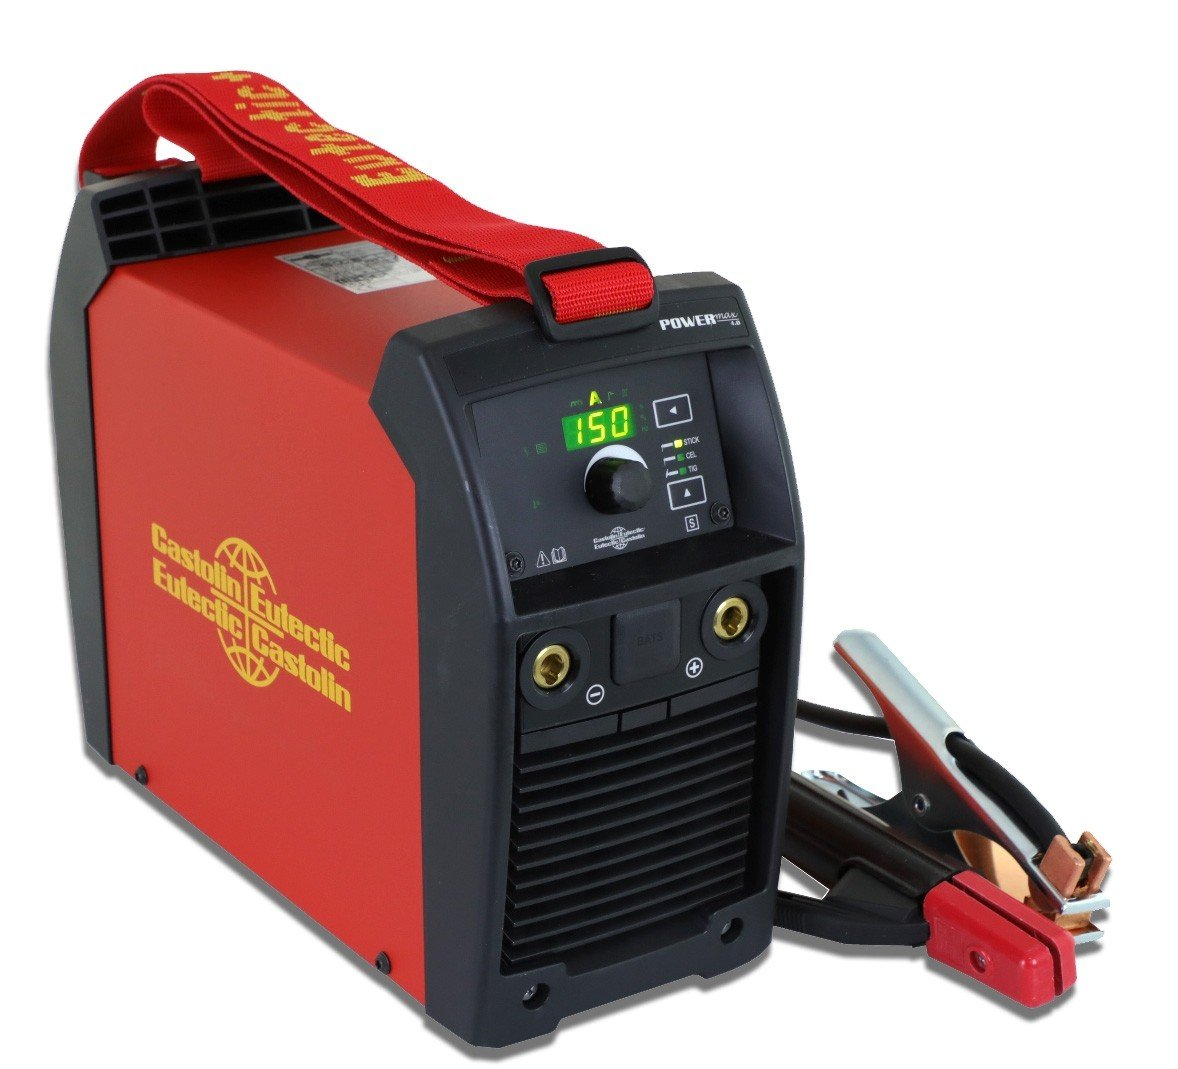 Poste à souder POWERMAX 4.0 - 150A - 230 V - CASTOLIN